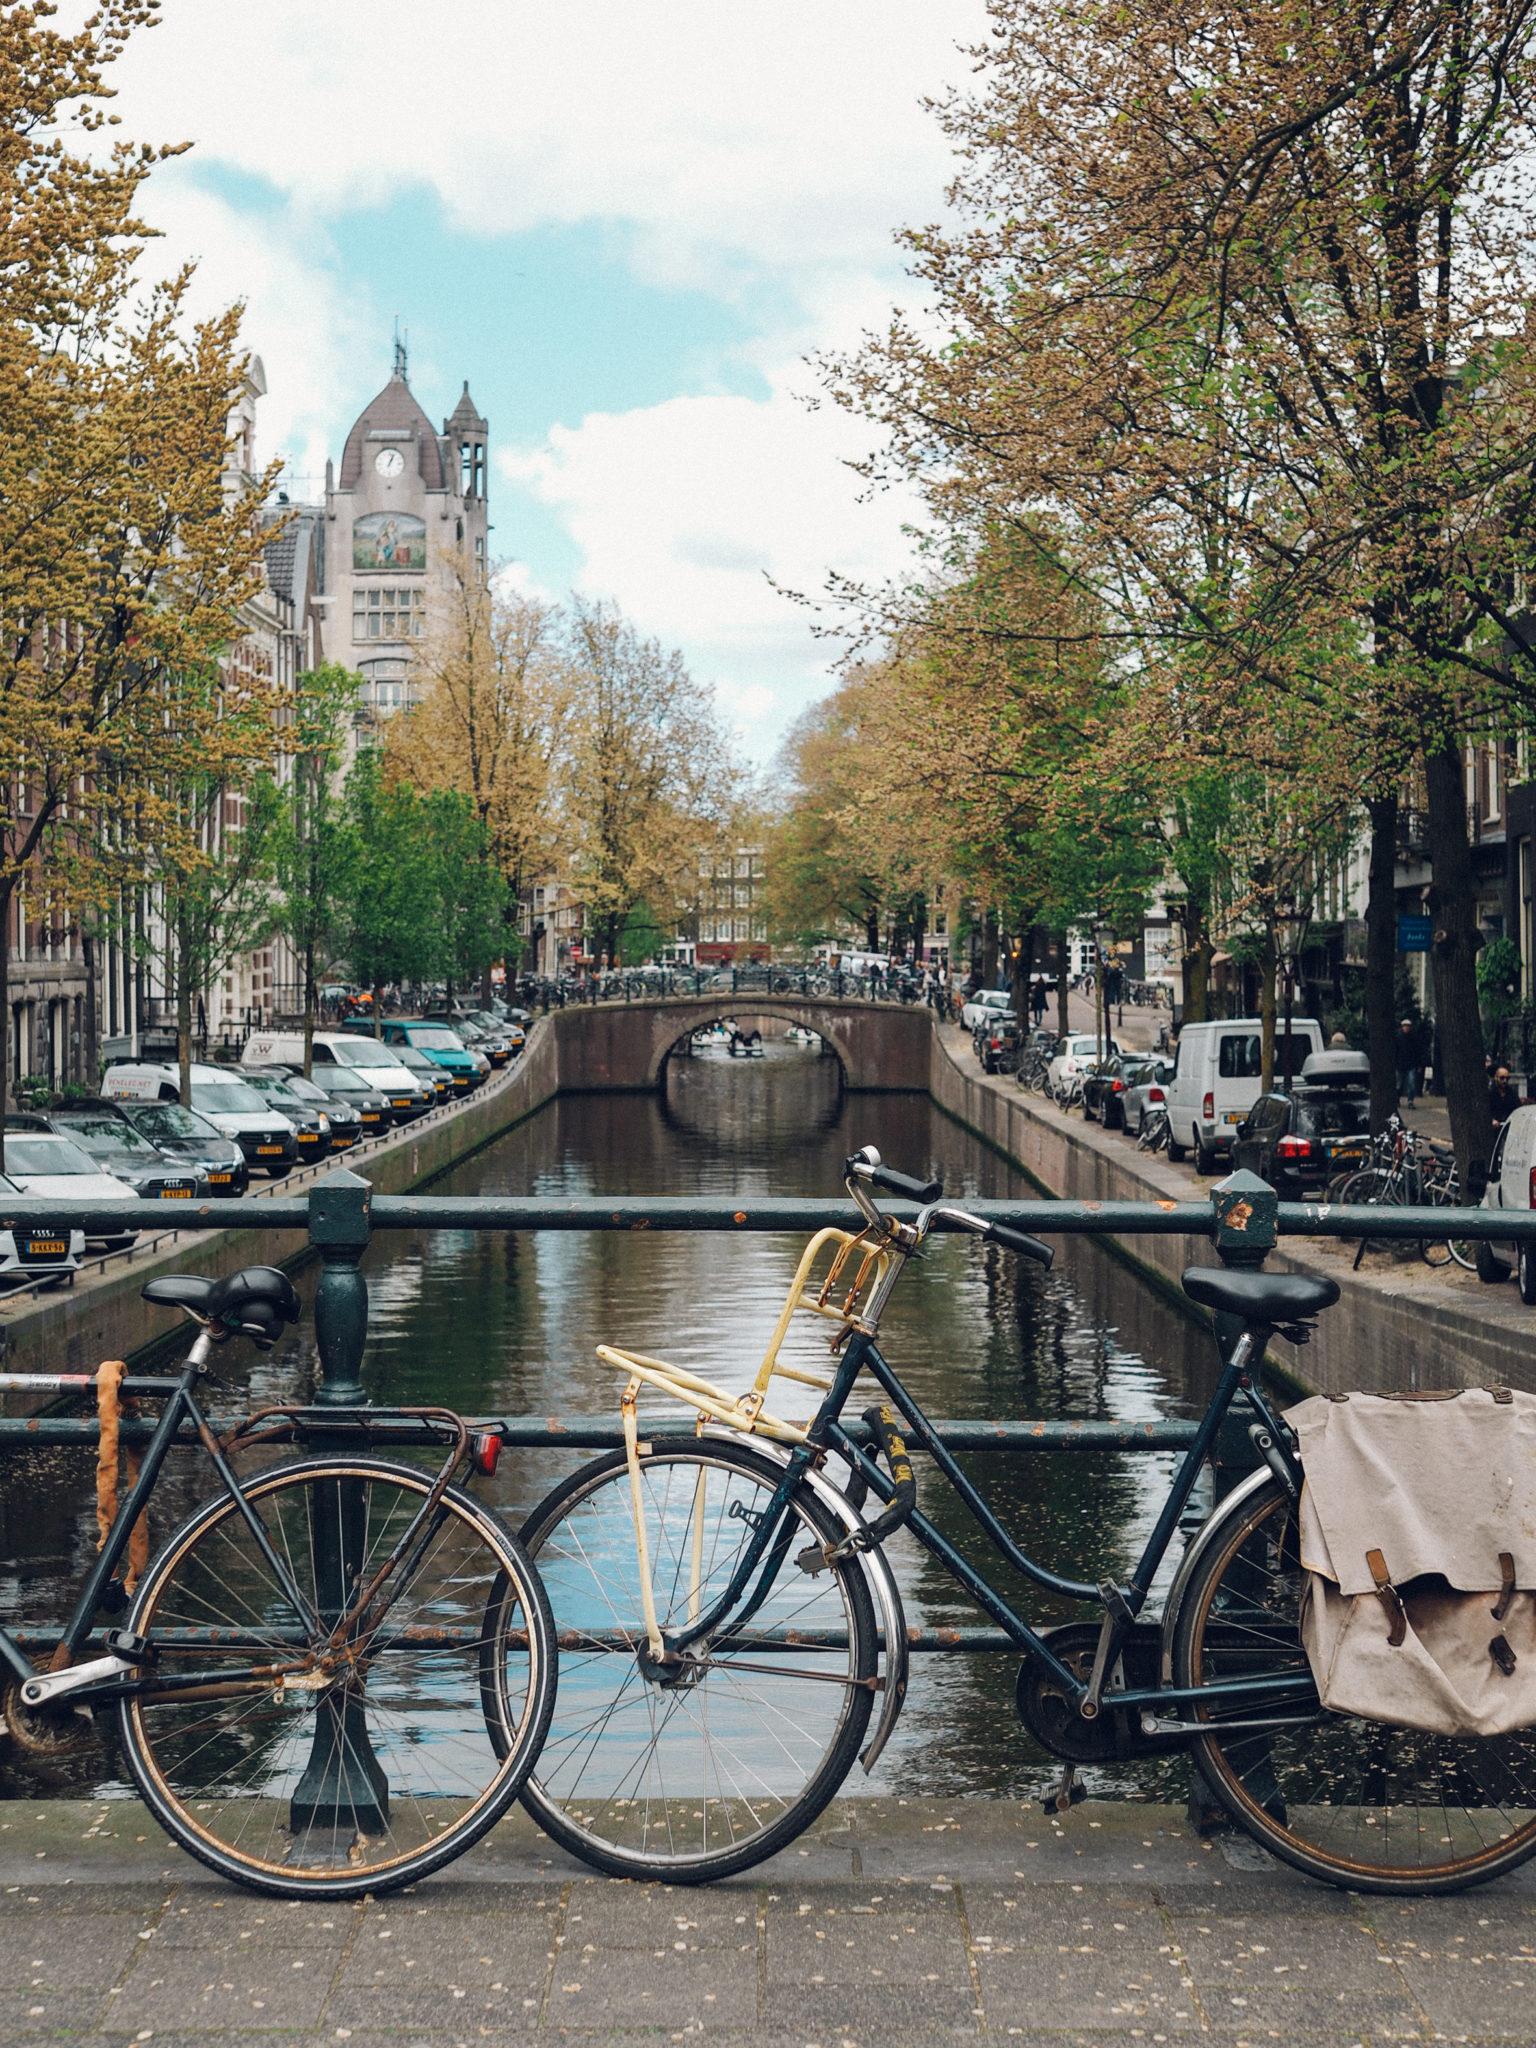 Diario fotográfico de Amsterdam | Mundo de pasión por los viajes